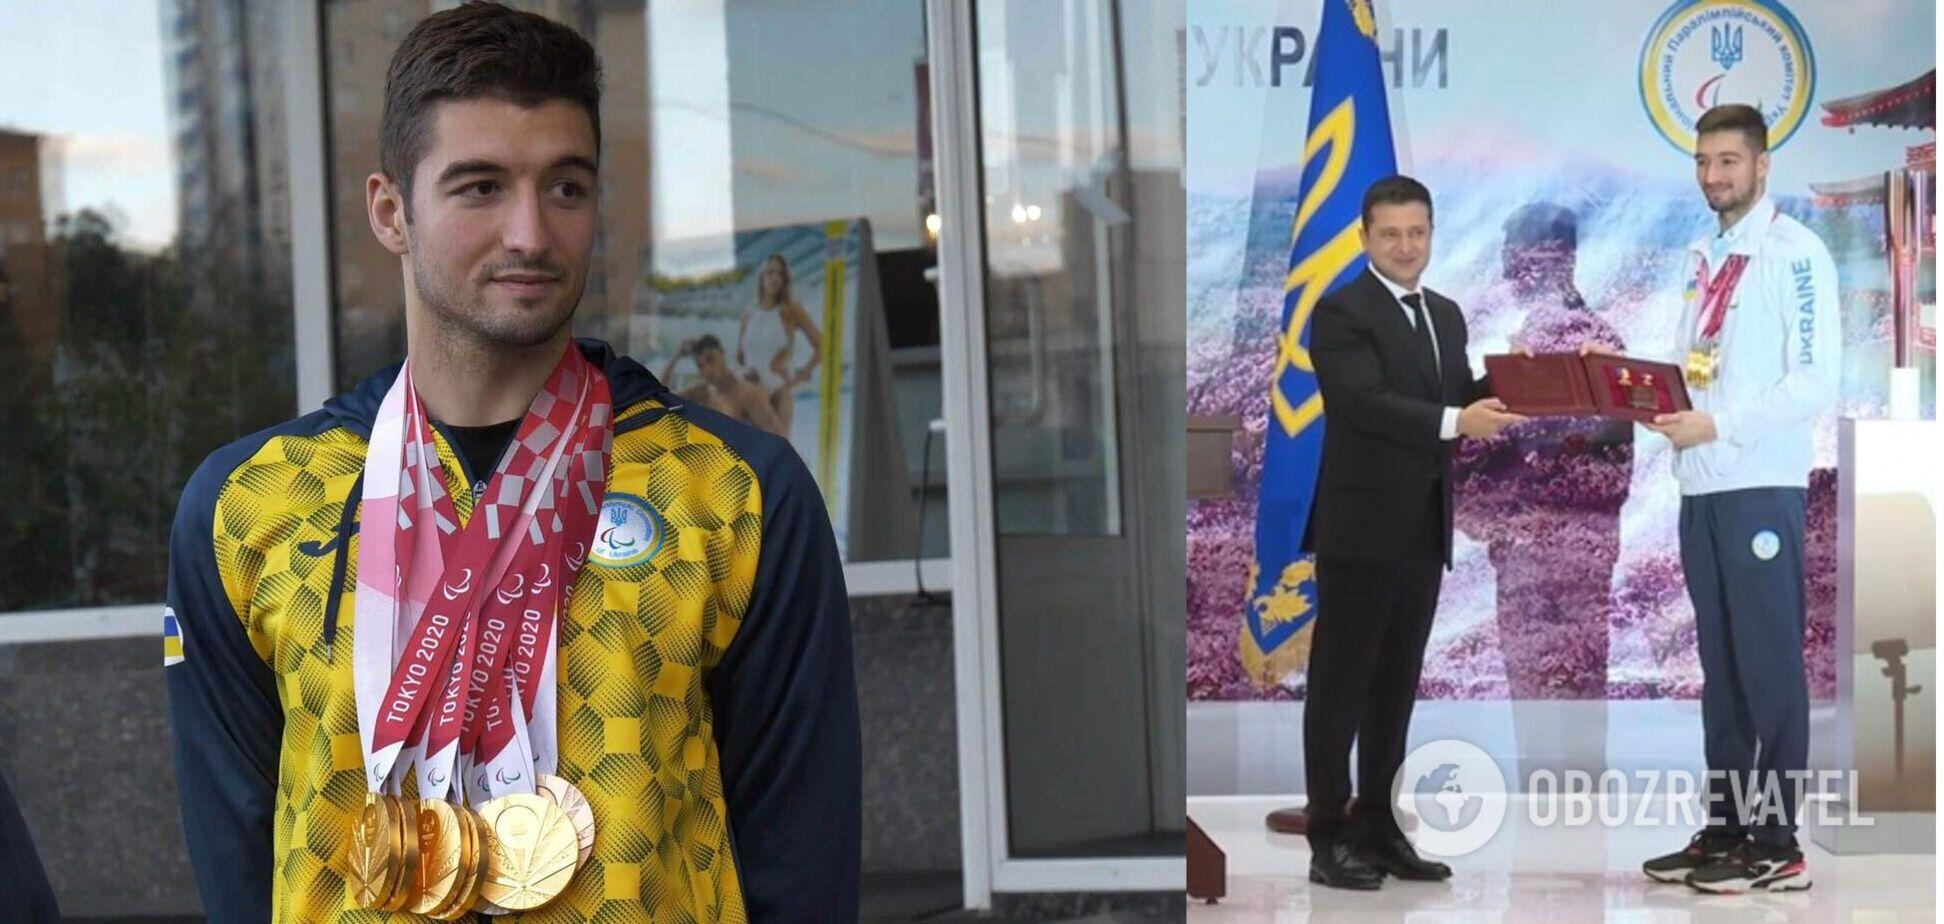 Максиму Крипаку присвоили звание Героя Украины